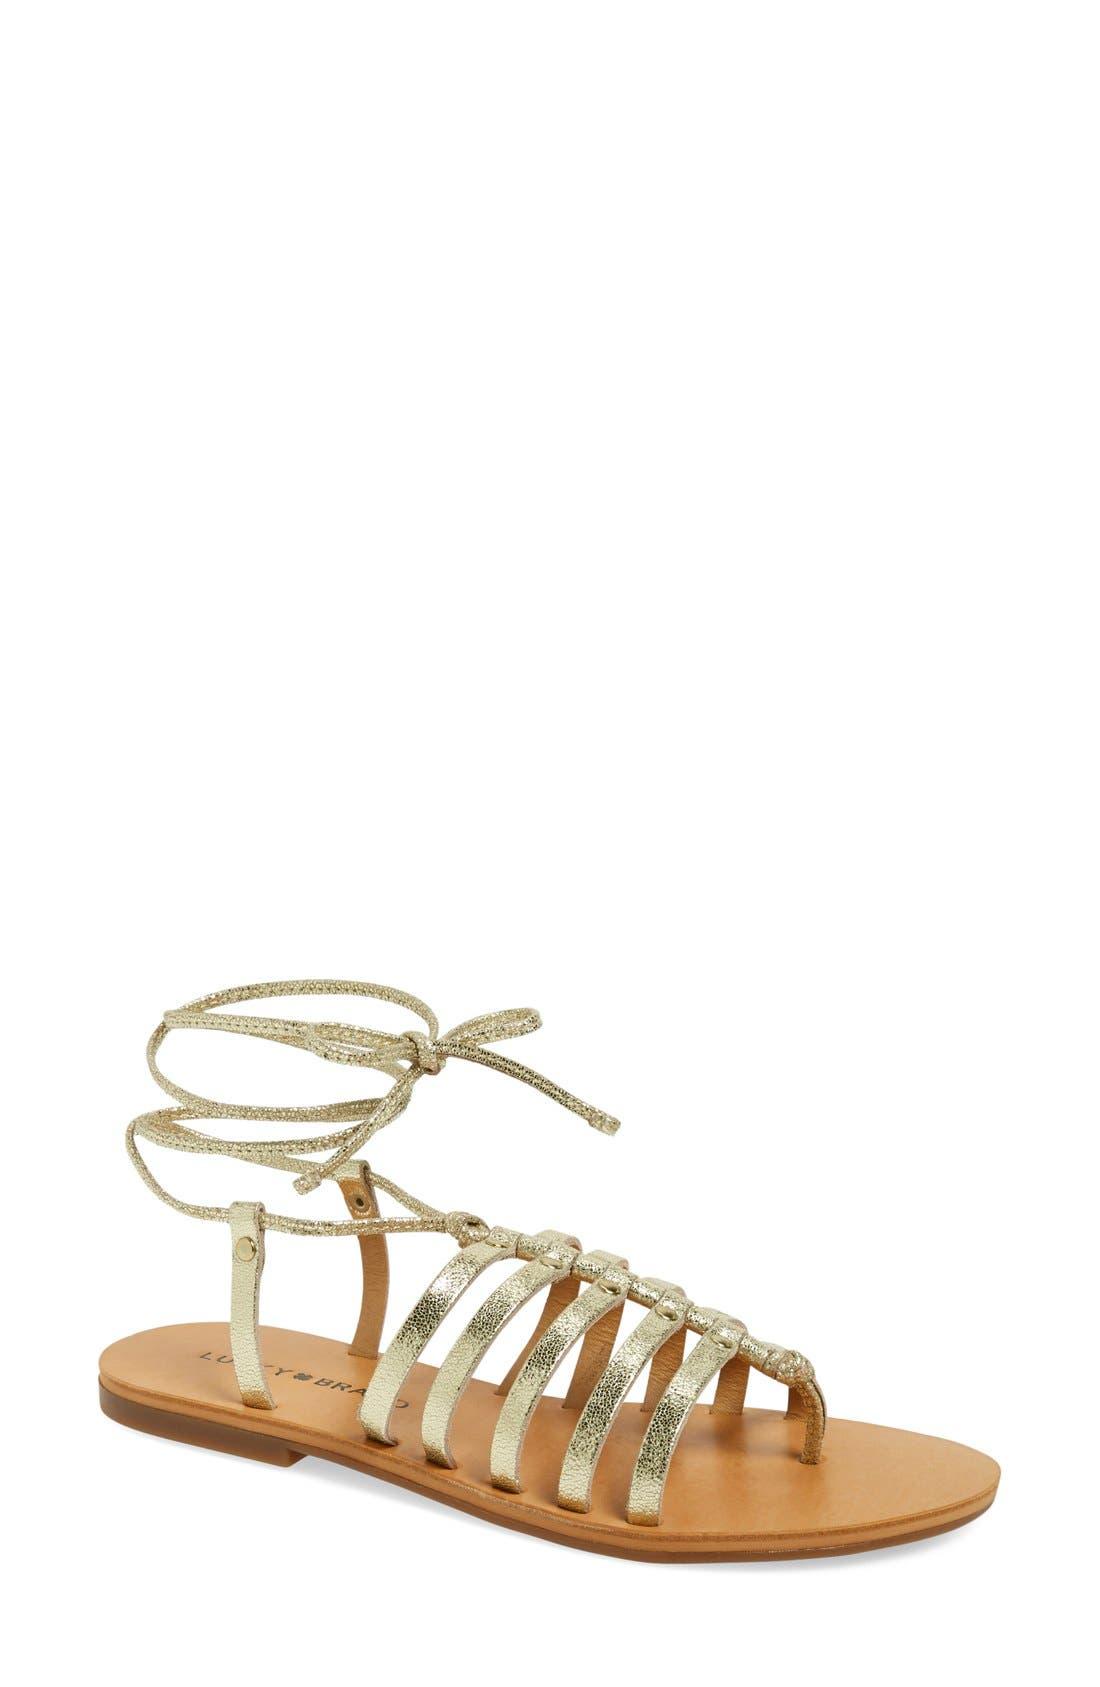 Main Image - Lucky Brand 'Colette' Gladiator Sandal (Women)